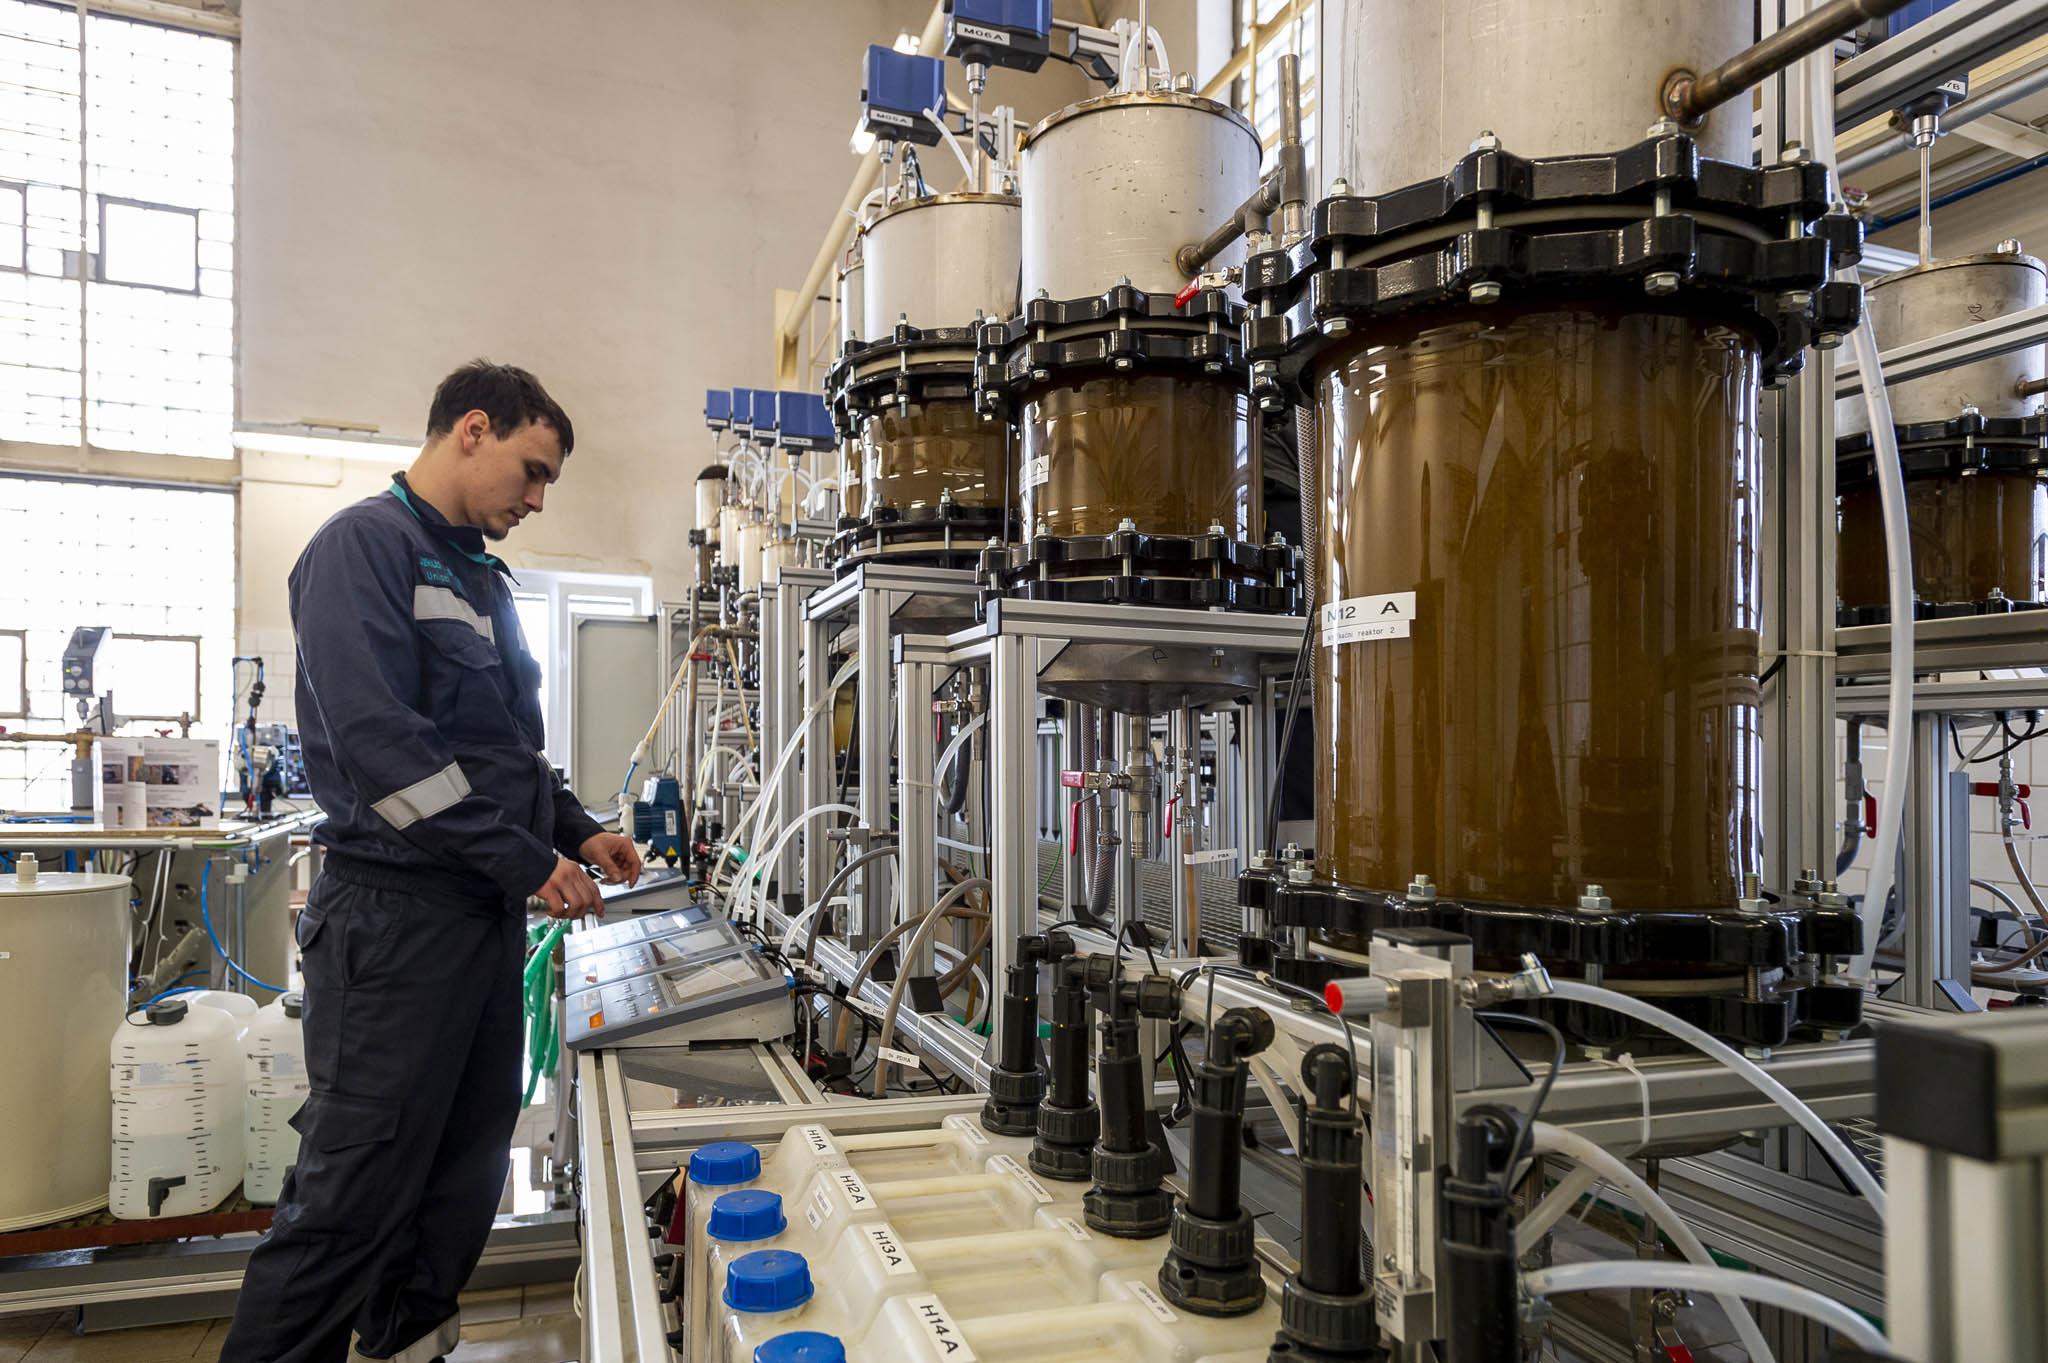 V tréninkovém centru v Litvínově je i model biologické čistírny odpadních vod.